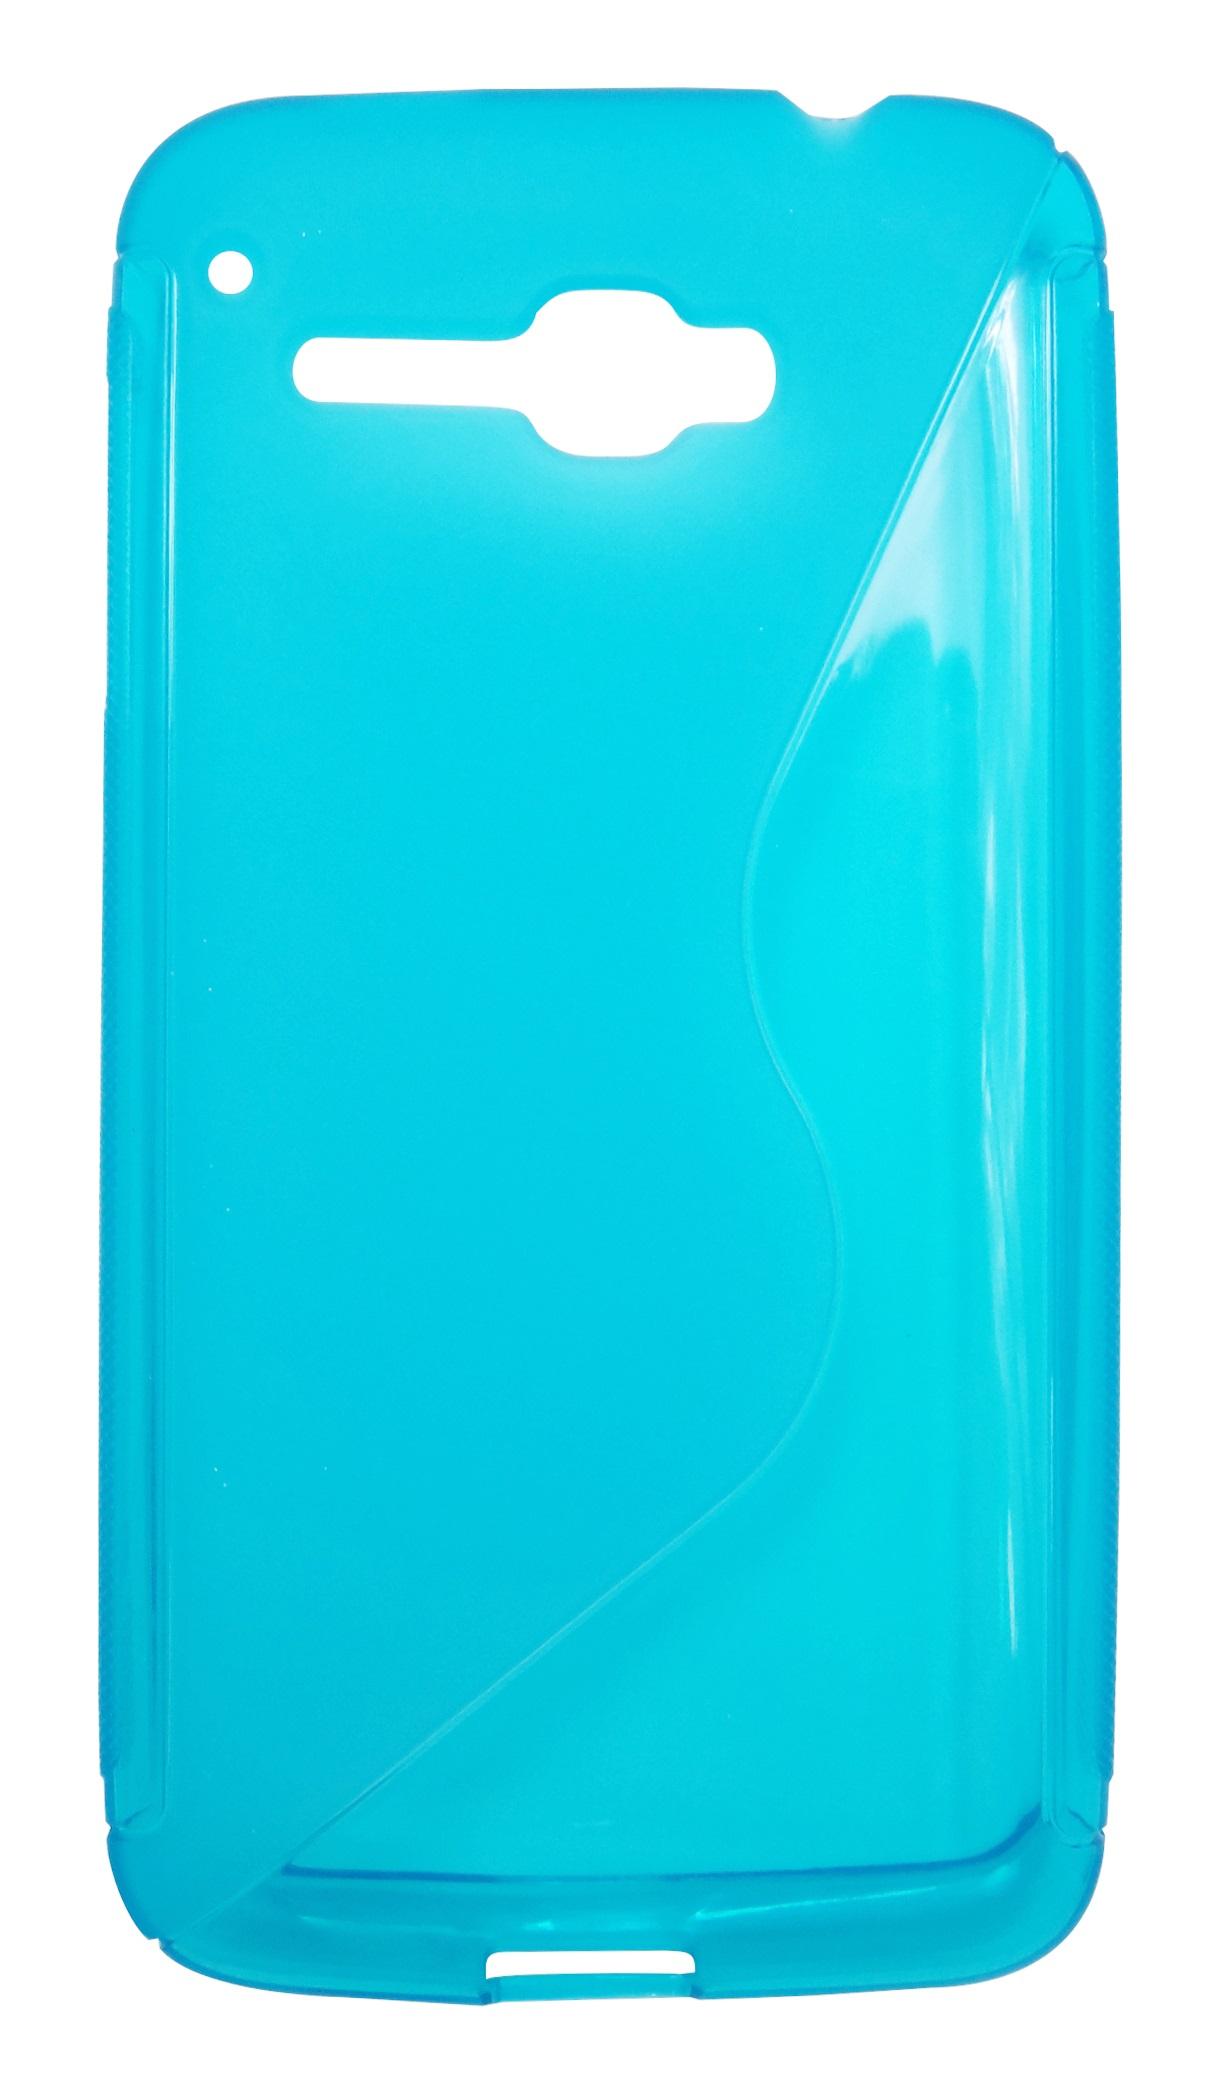 Husa silicon S-line albastra pentru Alcatel One Touch X'Pop (OT-5030, OT-5035D, OT-5035E, OT-5035Y)